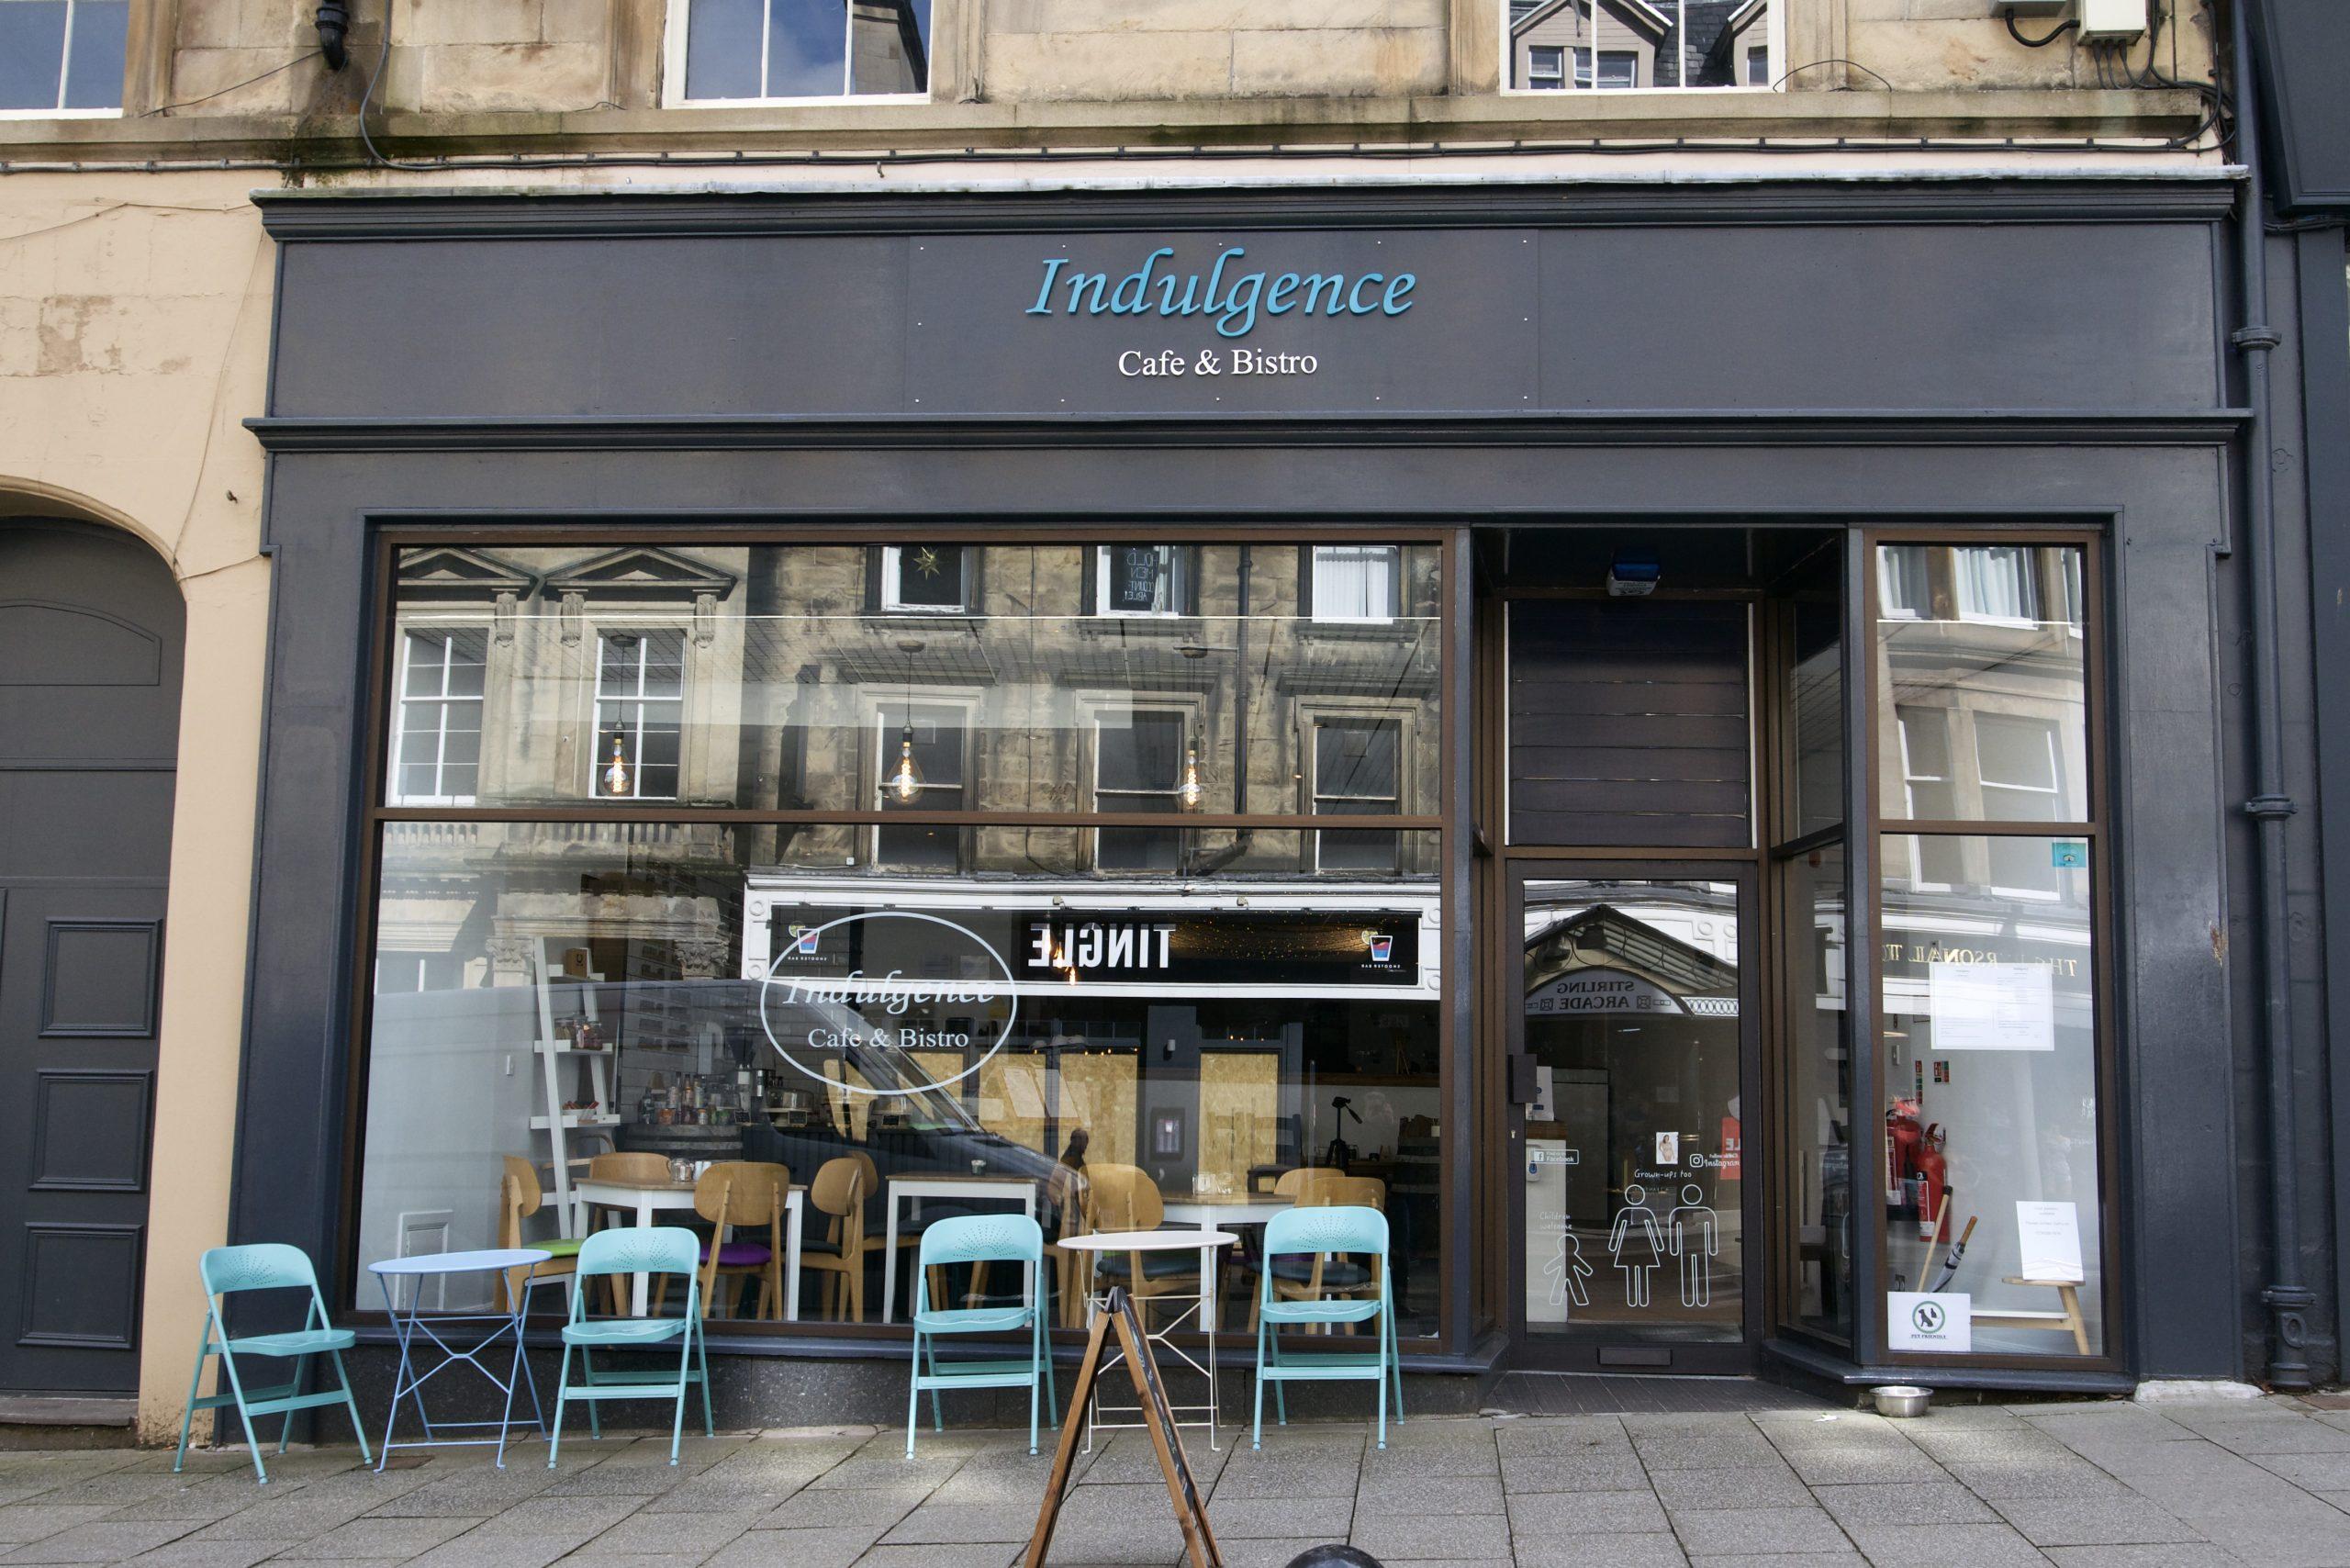 Indulgence Cafe & Bistro Stirling